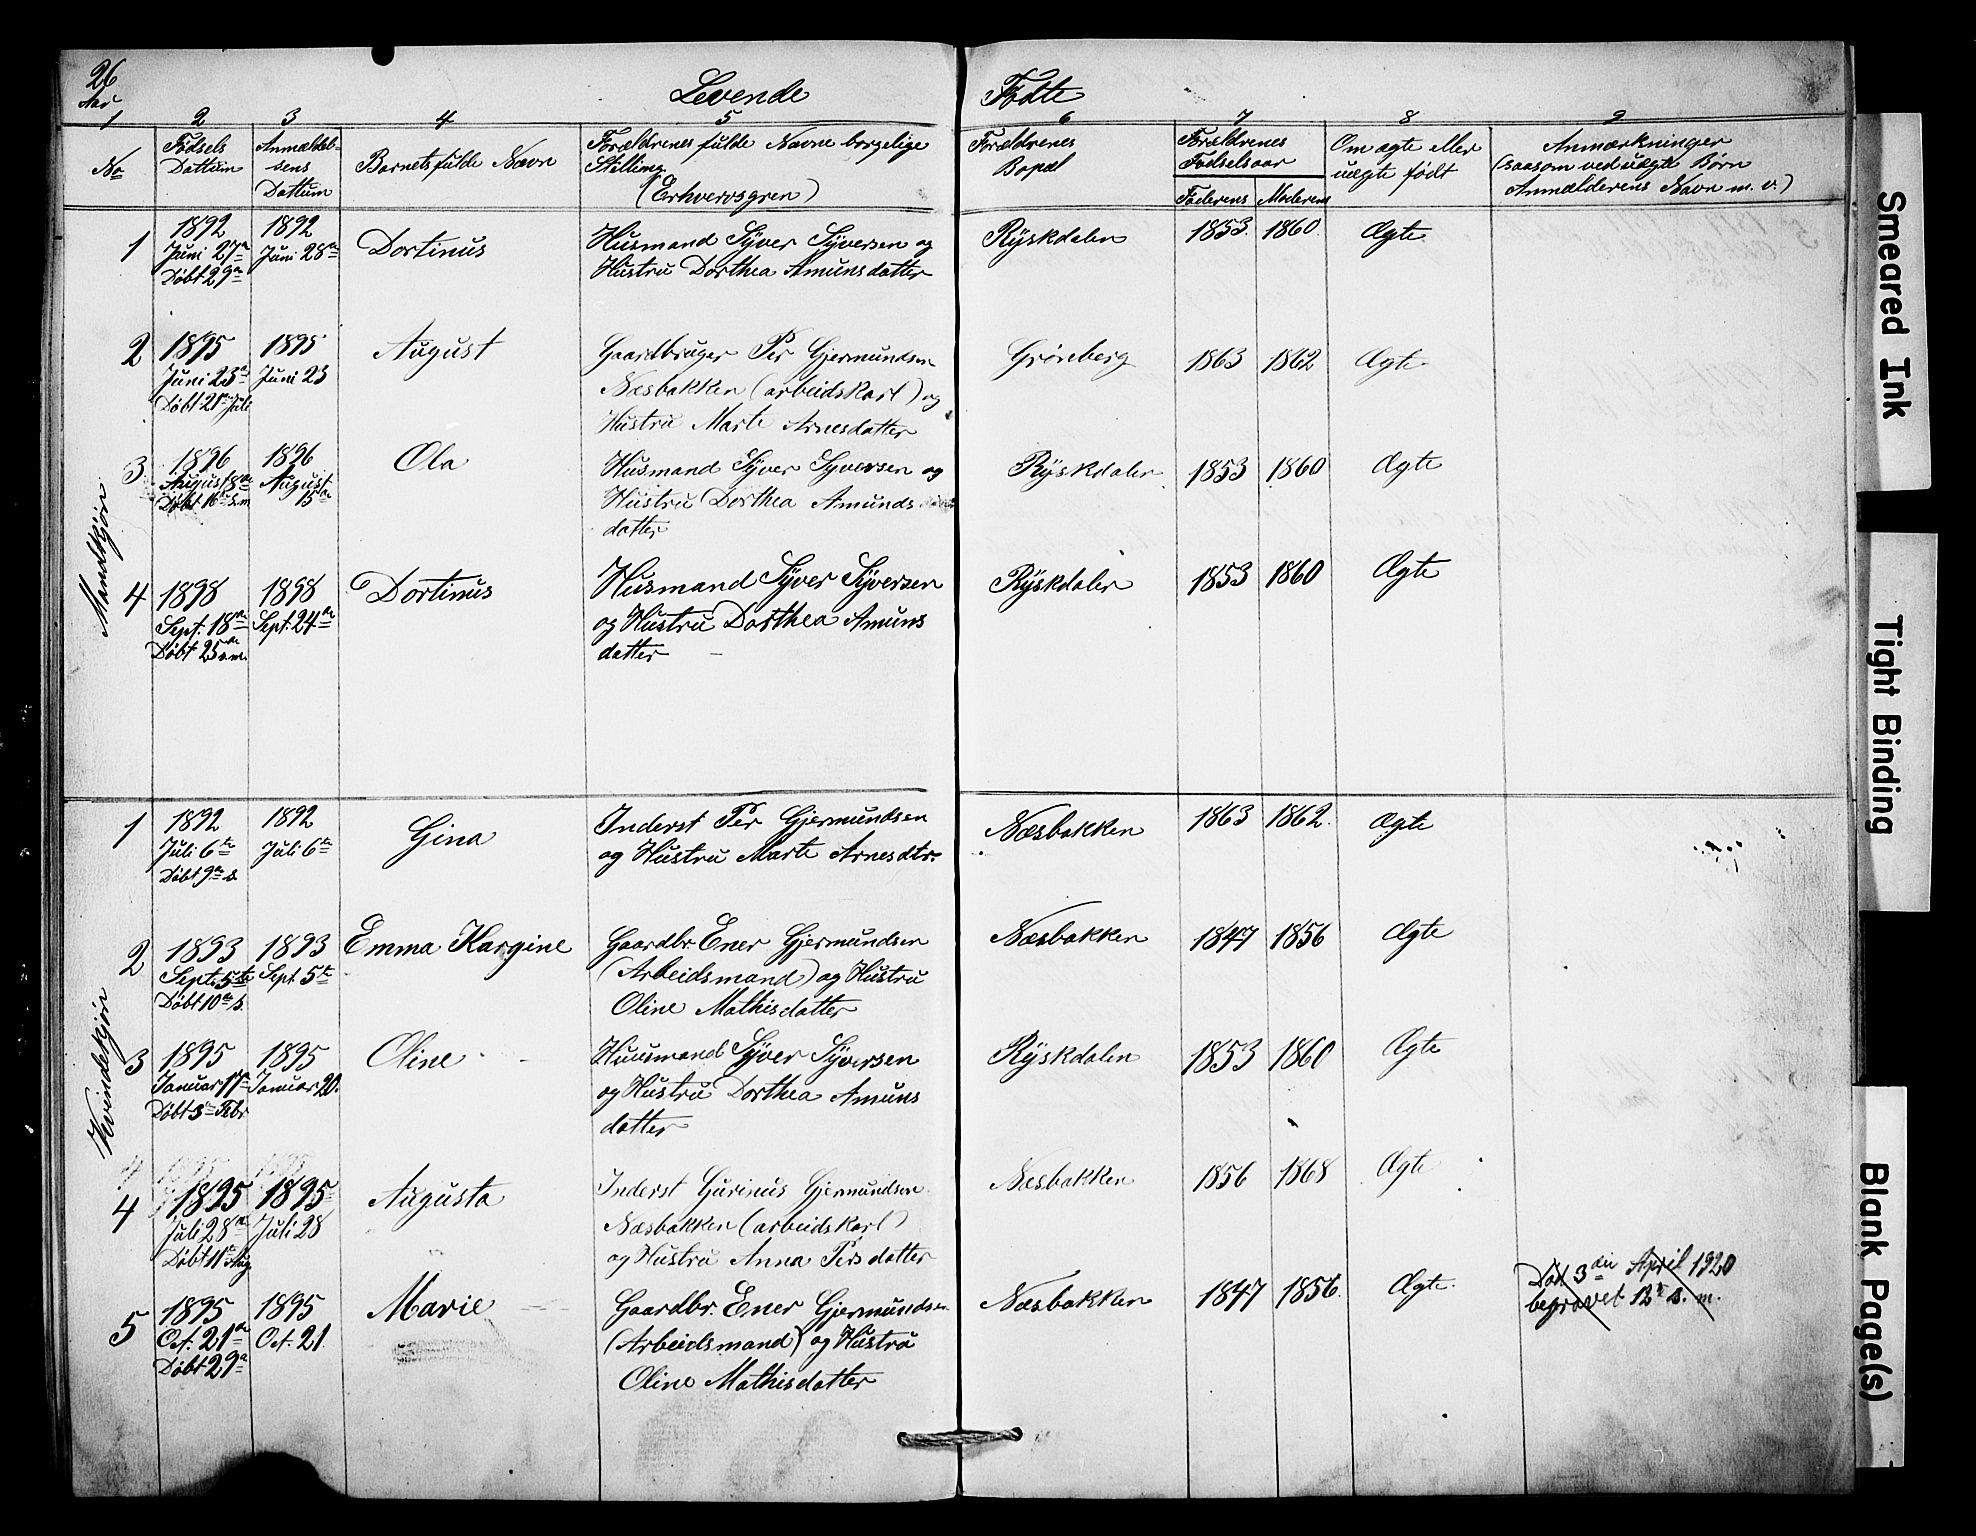 SAH, Misjonsforbundet, 01/L0003: Dissenter register no. 3, 1892-1920, p. 26